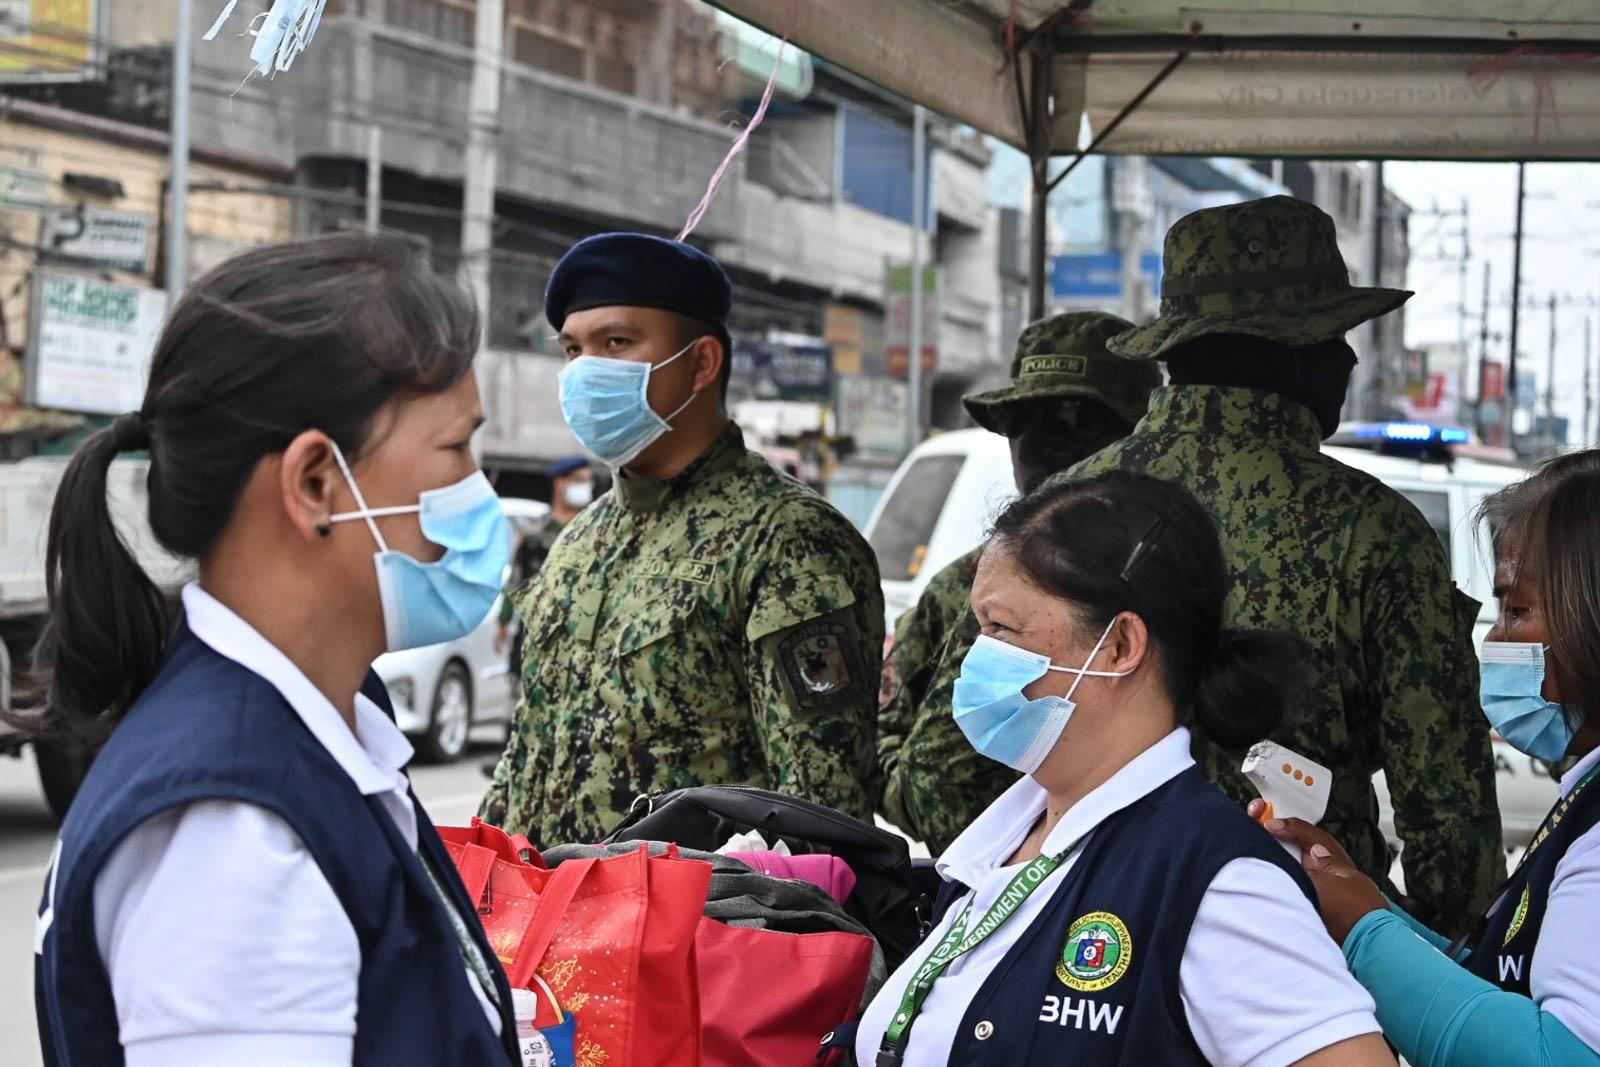 Duterte asks NPA for ceasefire during coronavirus lockdown